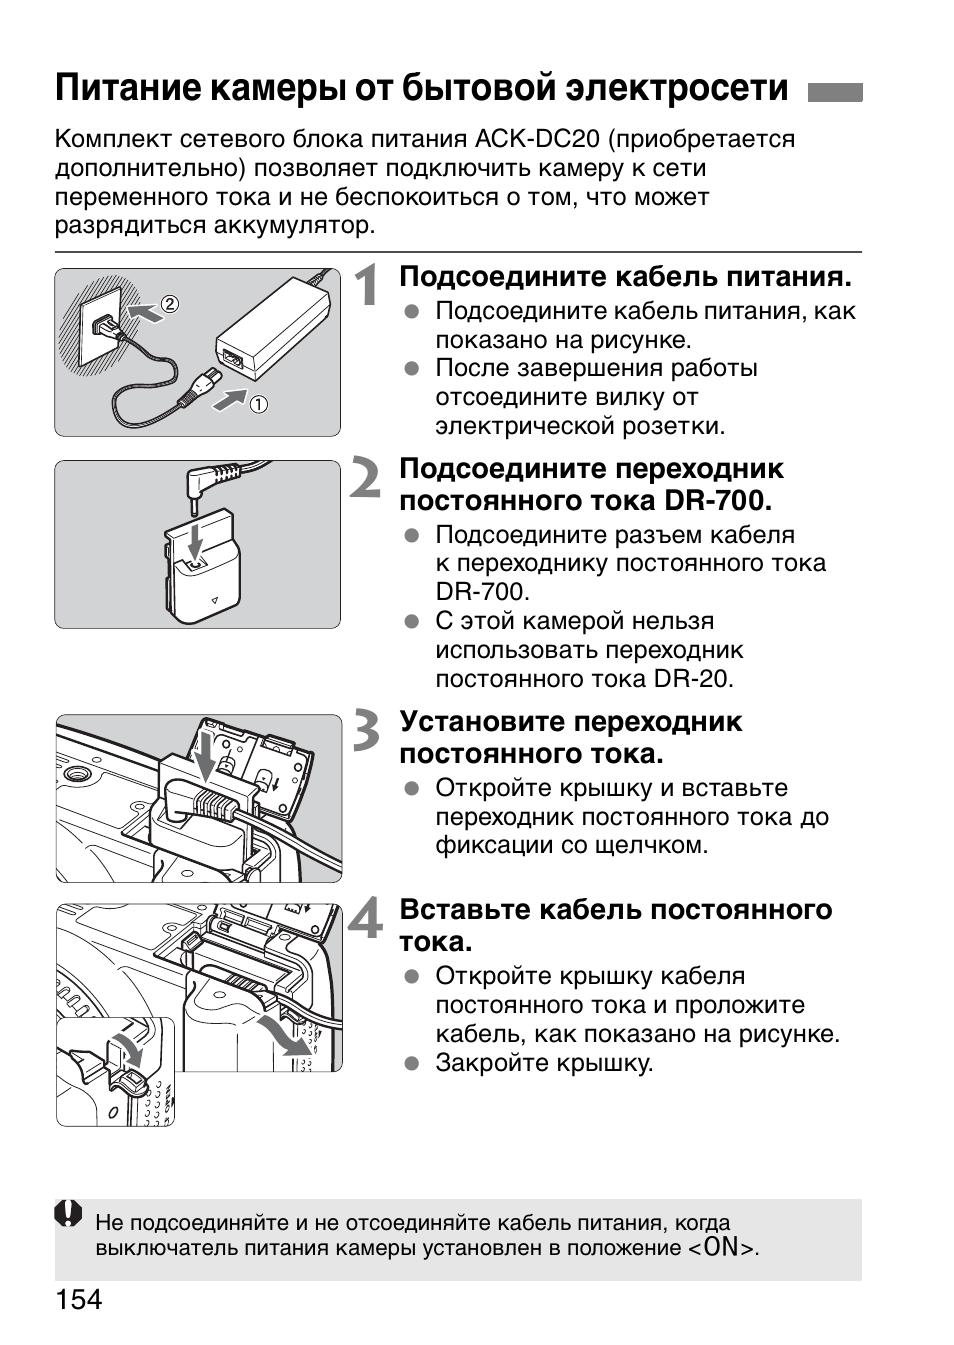 Как сделать кормушку для закидушки